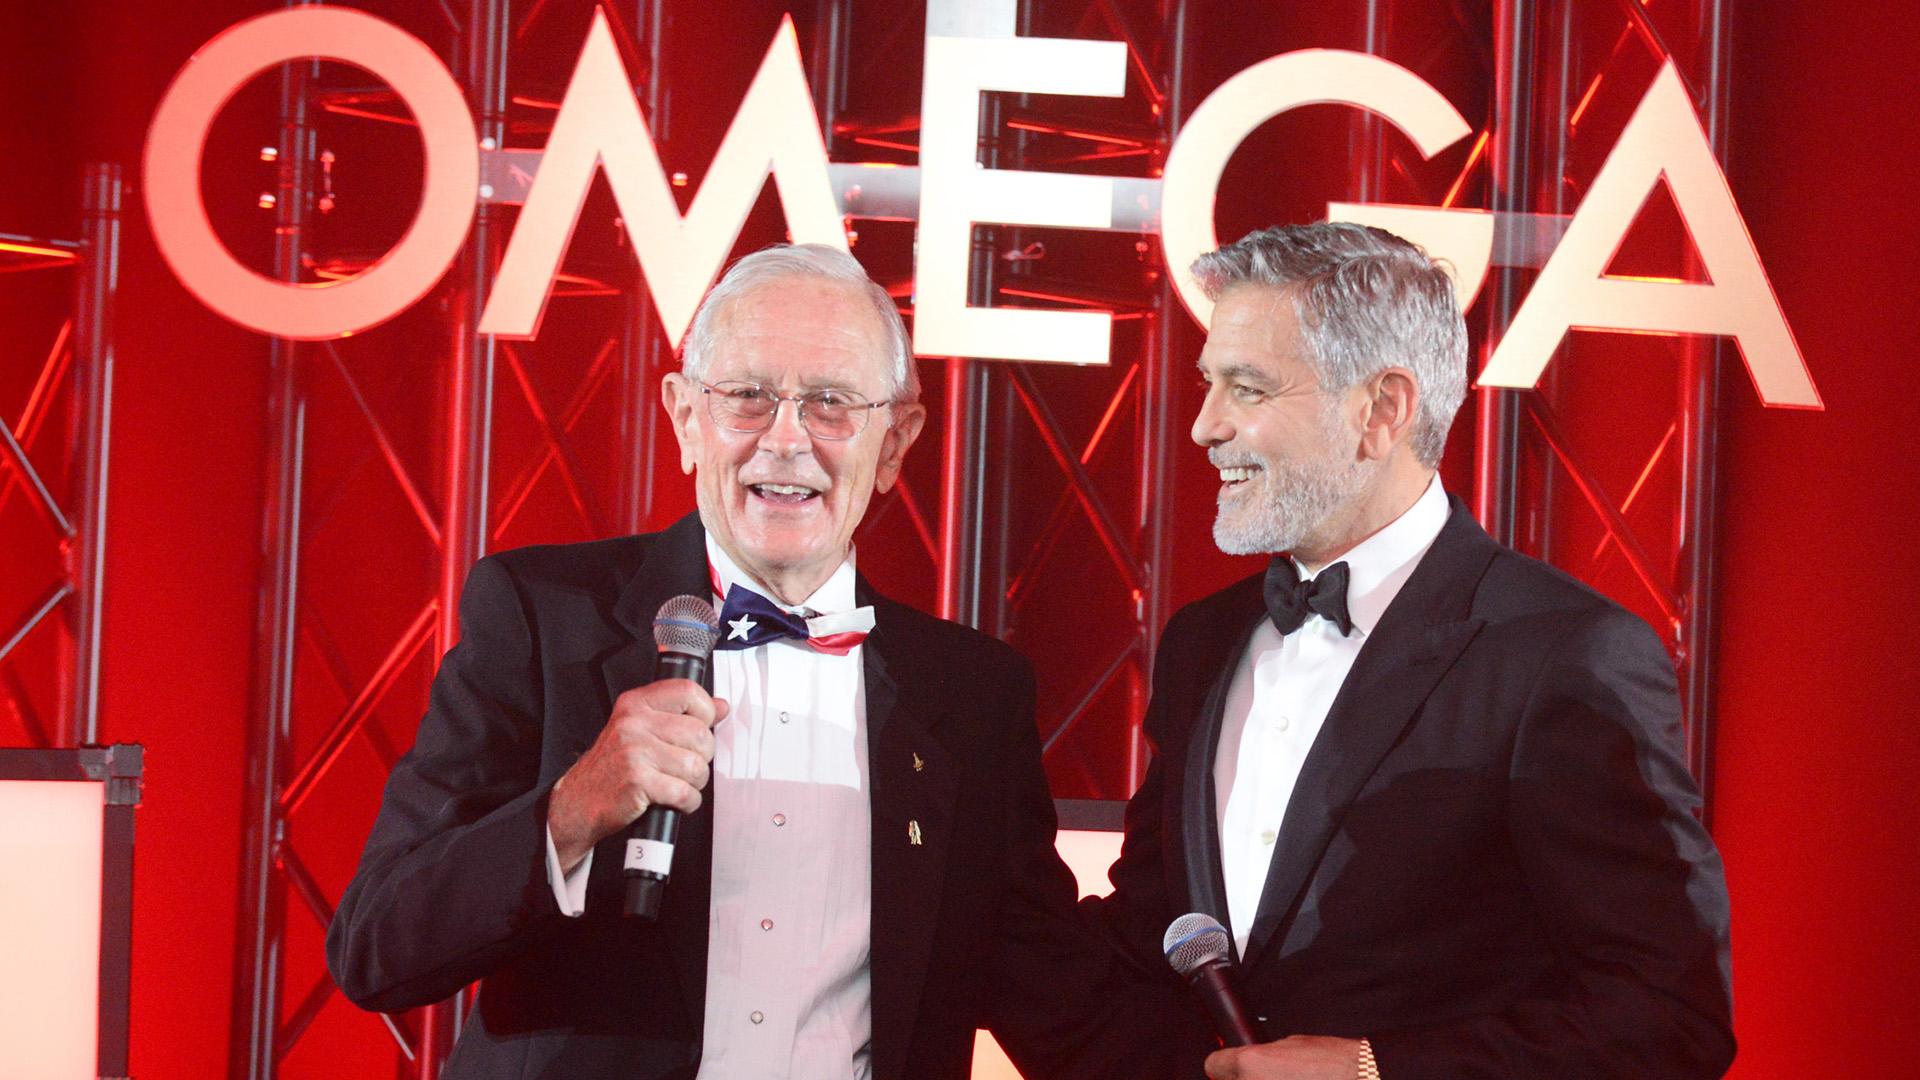 """Reflexionando sobre el espíritu pionero de la era de Apolo, Charlie Duke lo describió como un momento emocionante, pero destacó que el éxito de la misión de 1969 se debió al trabajo duro y al compromiso. """"Nos dirigíamos a la Luna, pero también estábamos en Tierra, muy realistas, y nunca dimos por sentado el éxito ni una sola vez"""", expresó junto a George Clooney"""